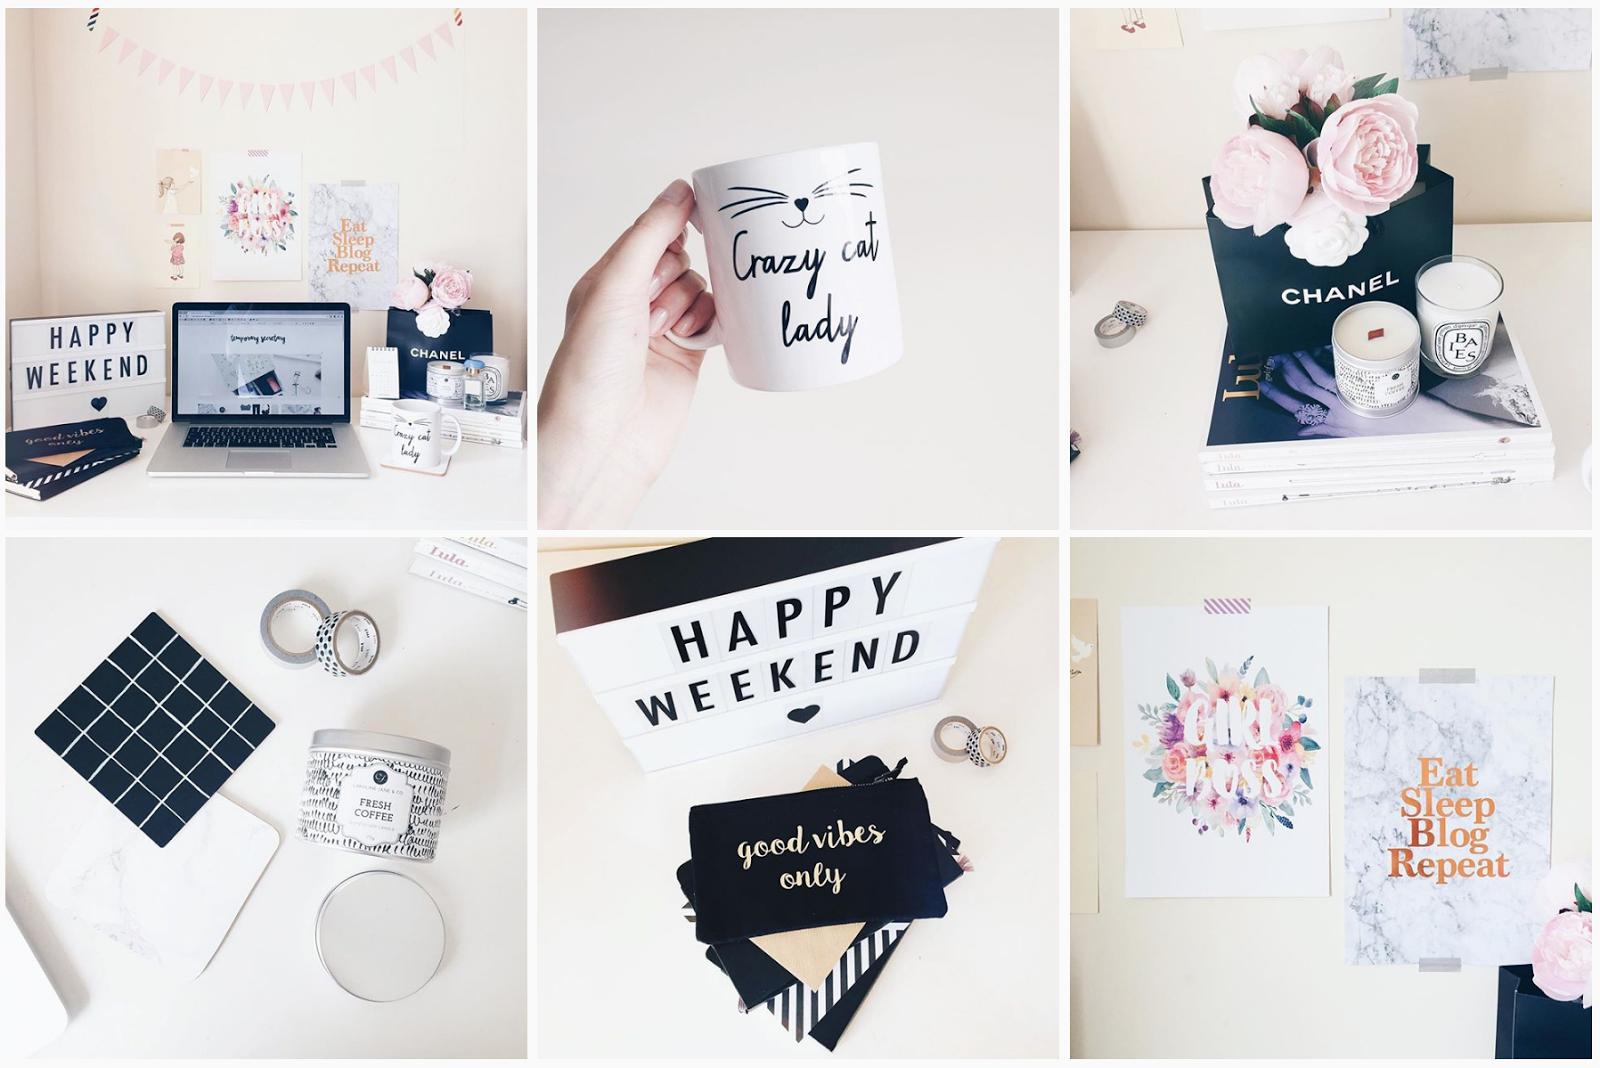 themed instagram blogger